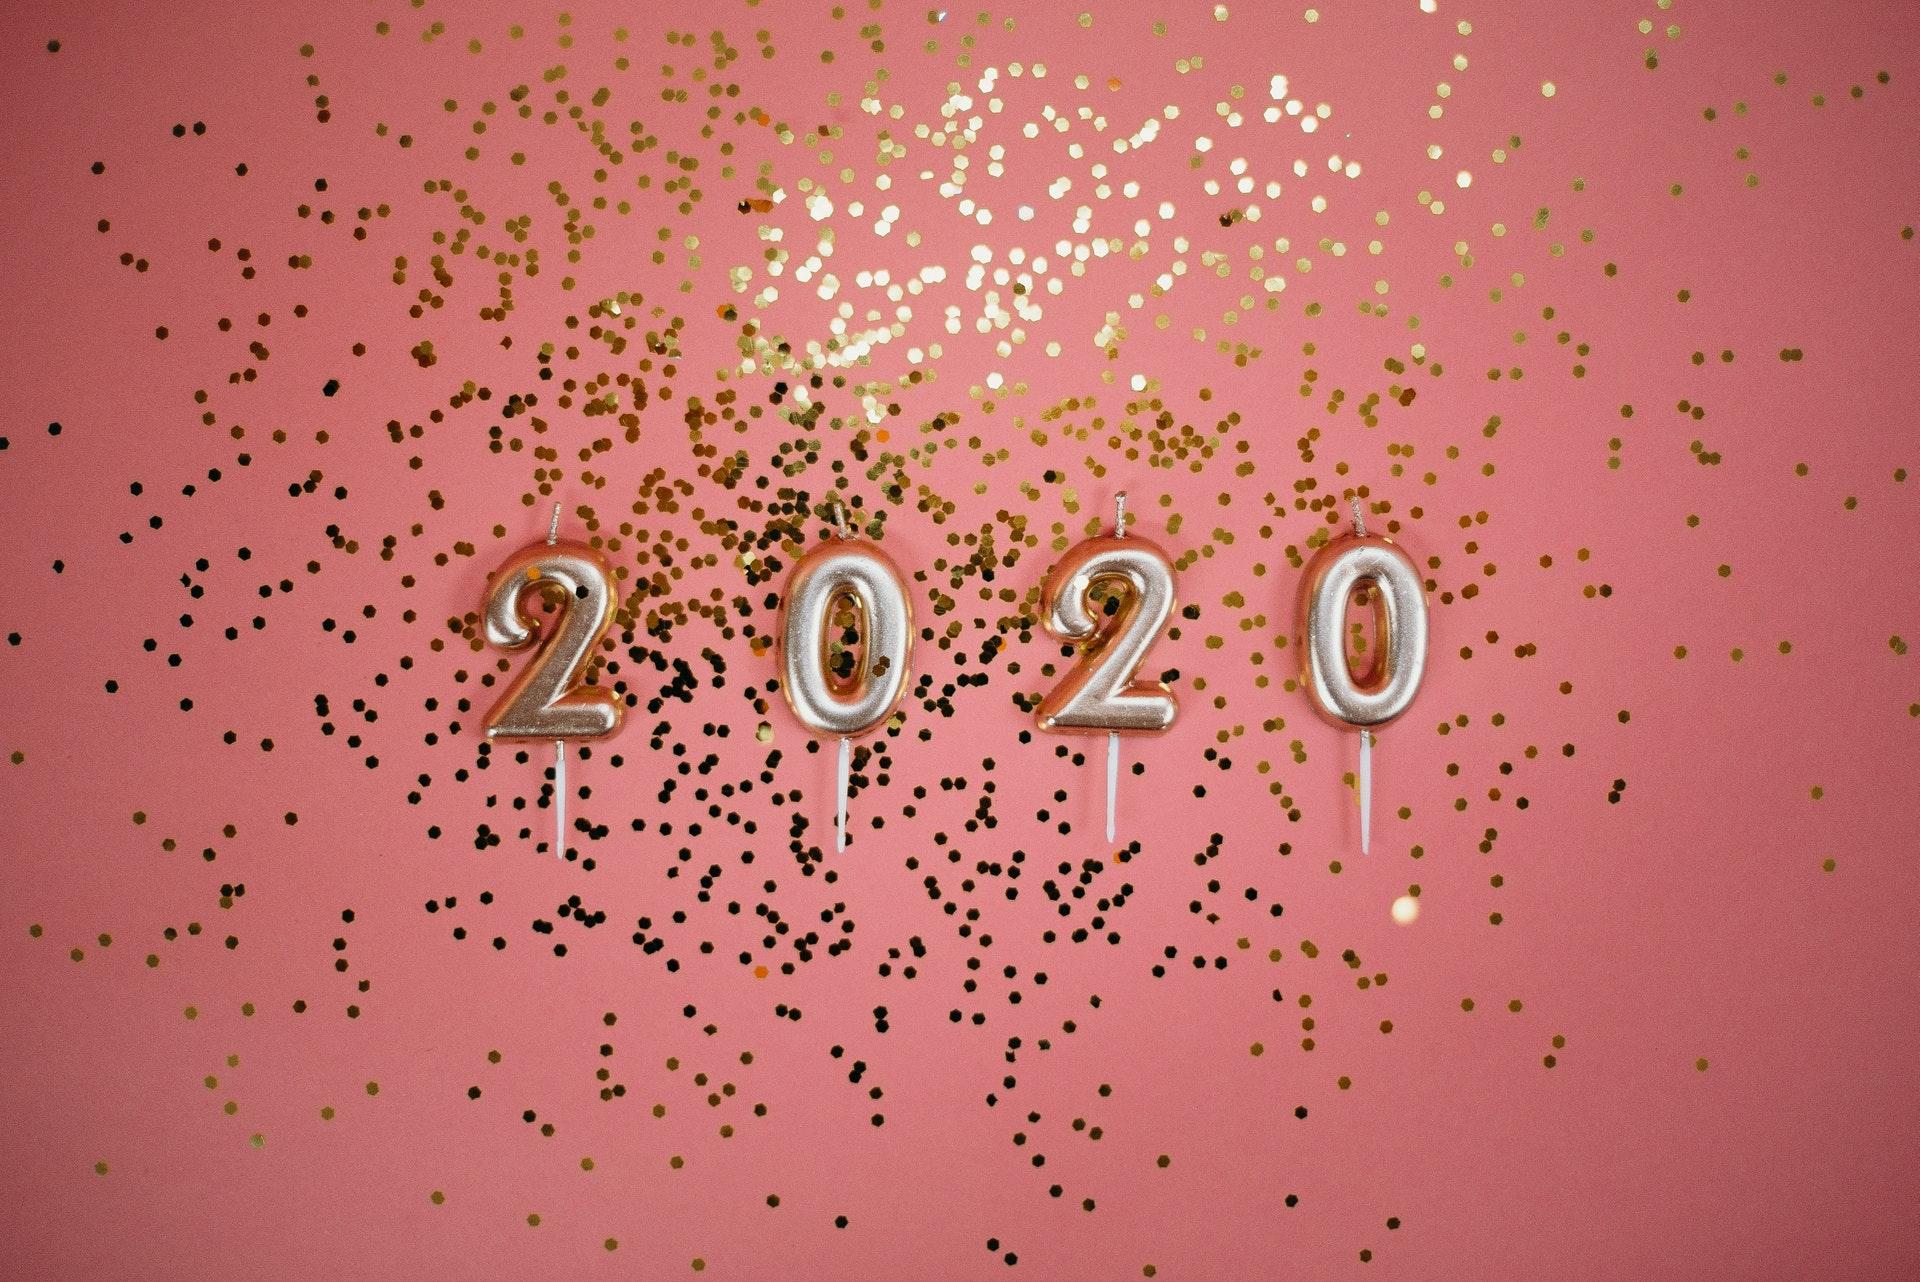 2019年12月の資産運用~あけましておめでとうございます。勇気を振り絞って臨む1年がはじまります。